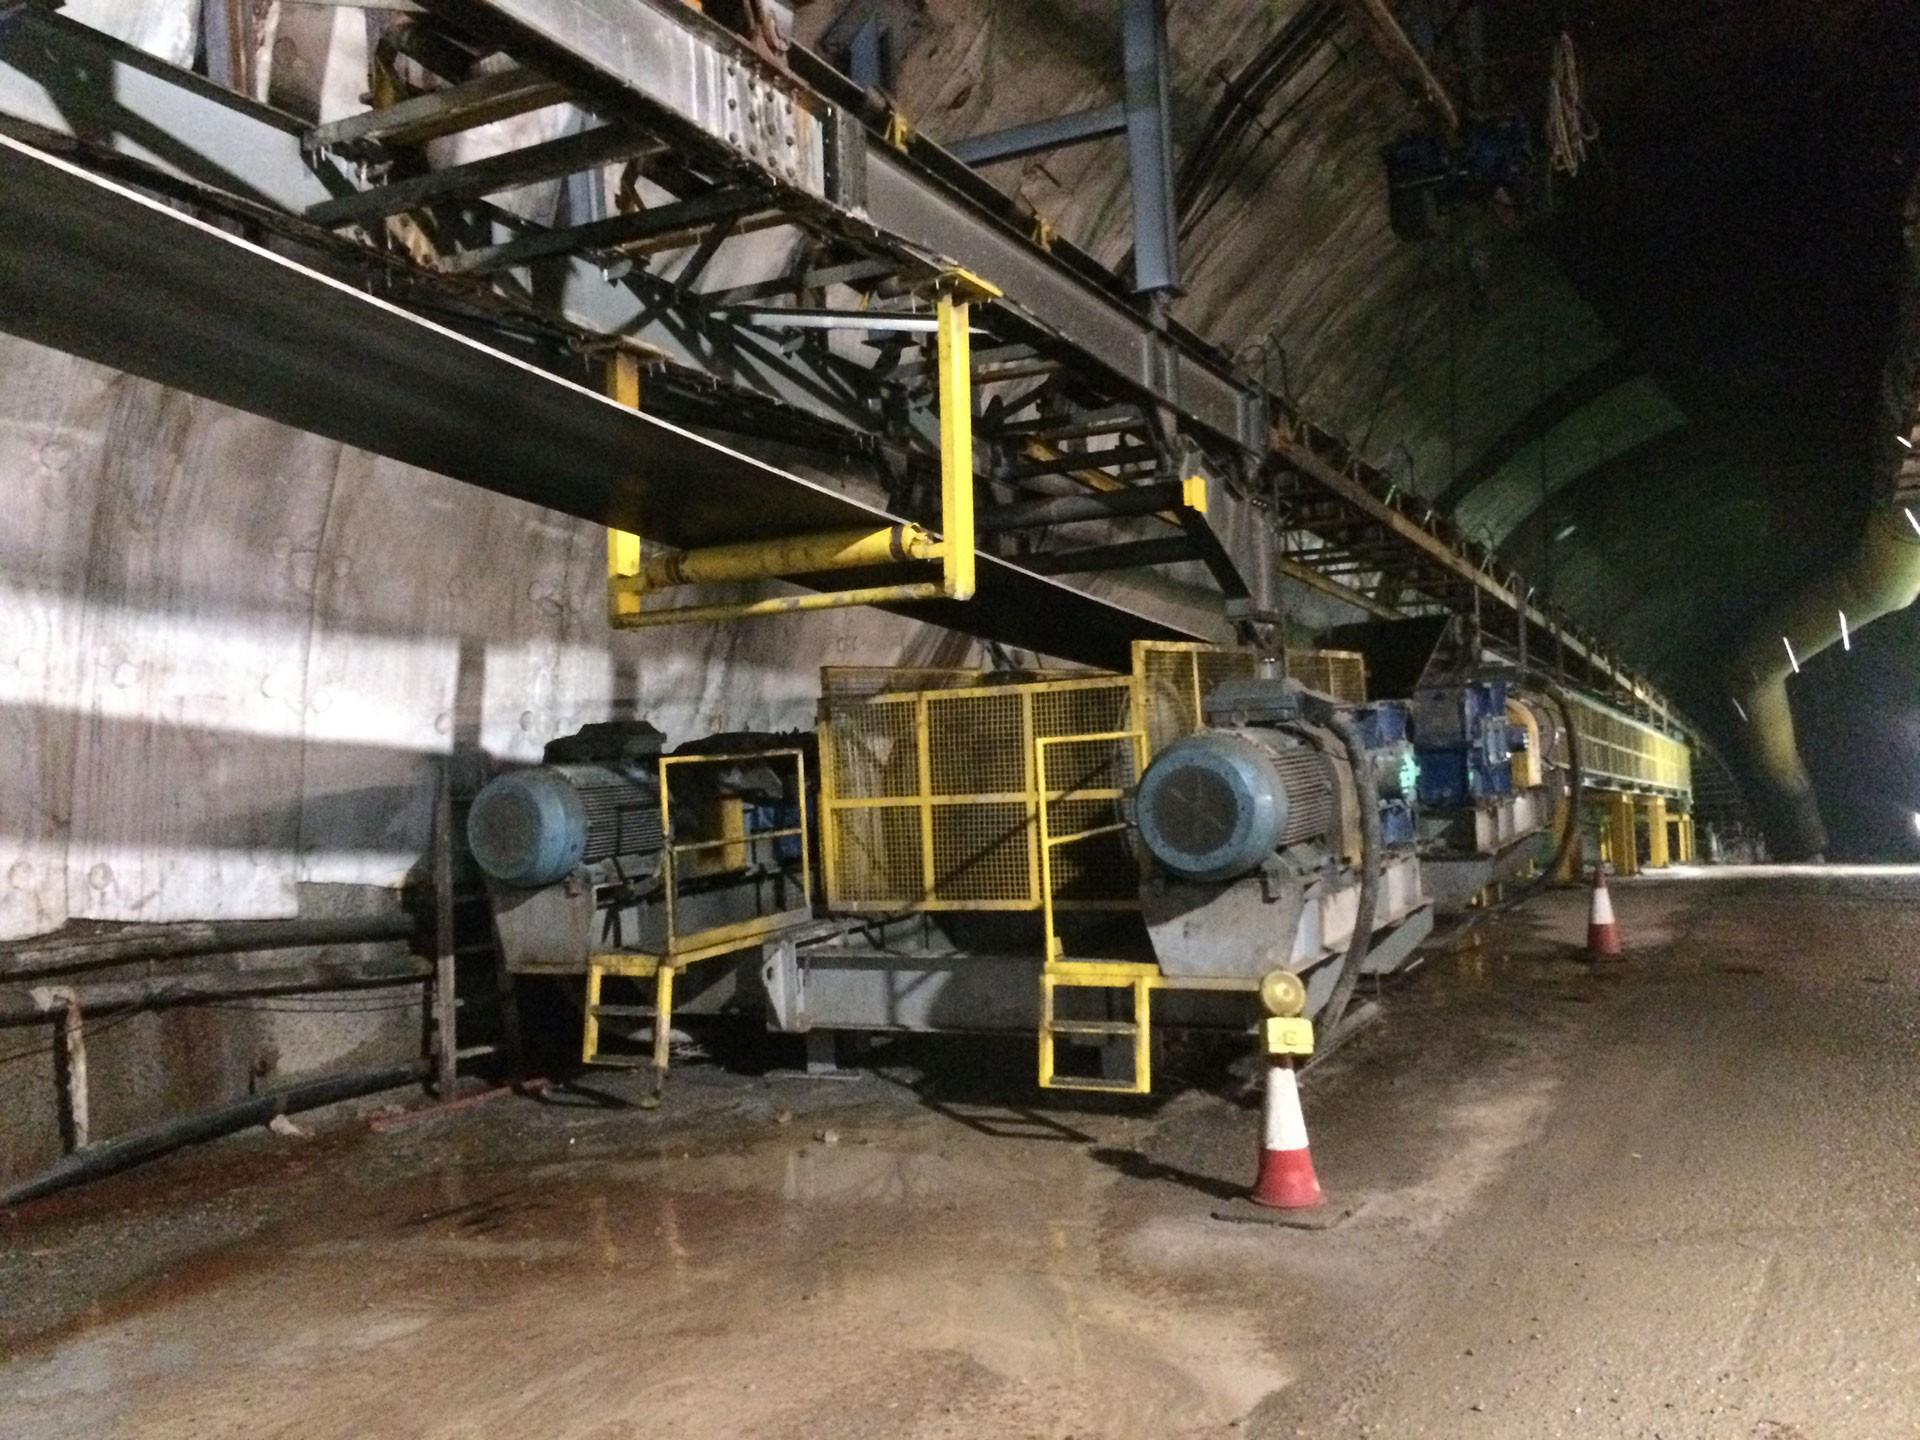 Phoenix конвейер конвейеры и технологии сайт